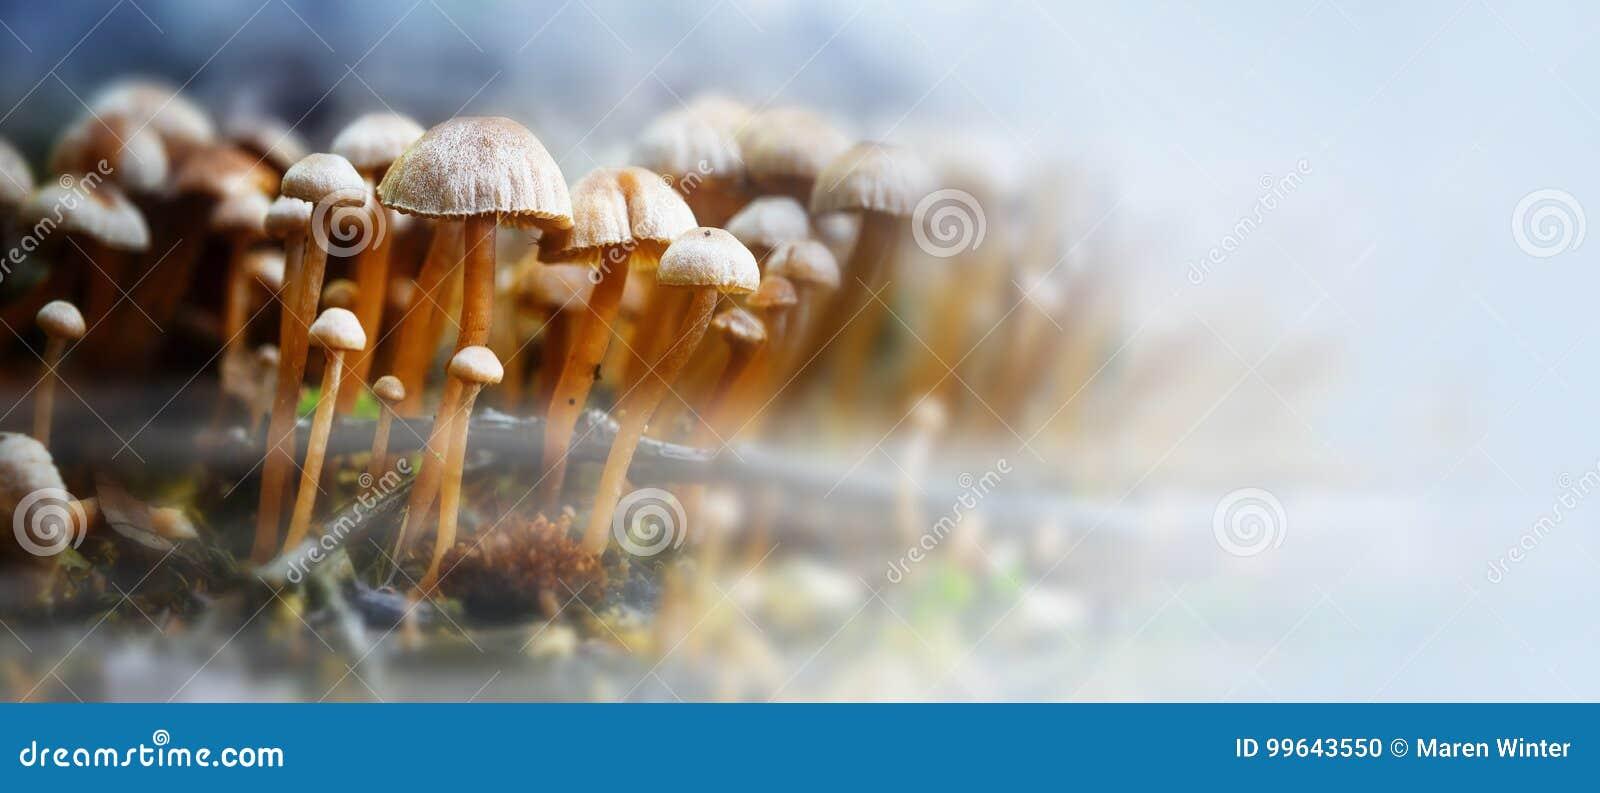 Kleine Pilze im Wald mit Herbst nebeln, Panoramaformat w ein